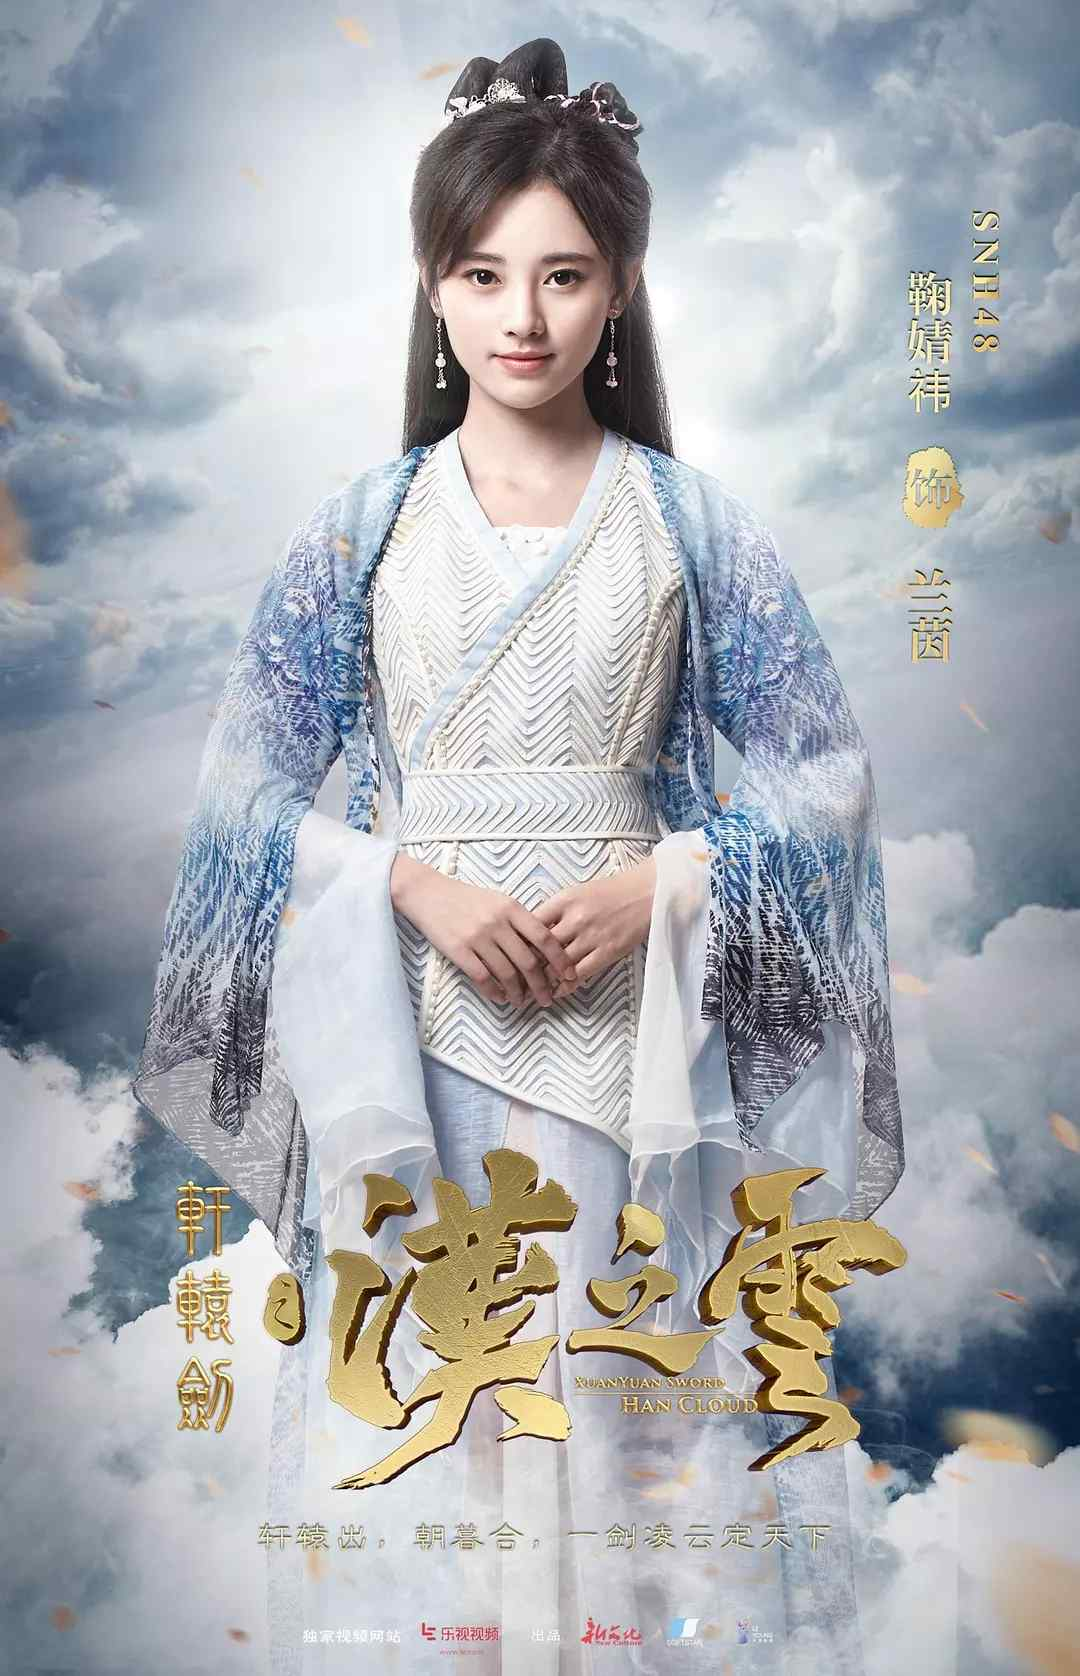 鞠婧祎《轩辕剑之汉之云》兰茵剧照